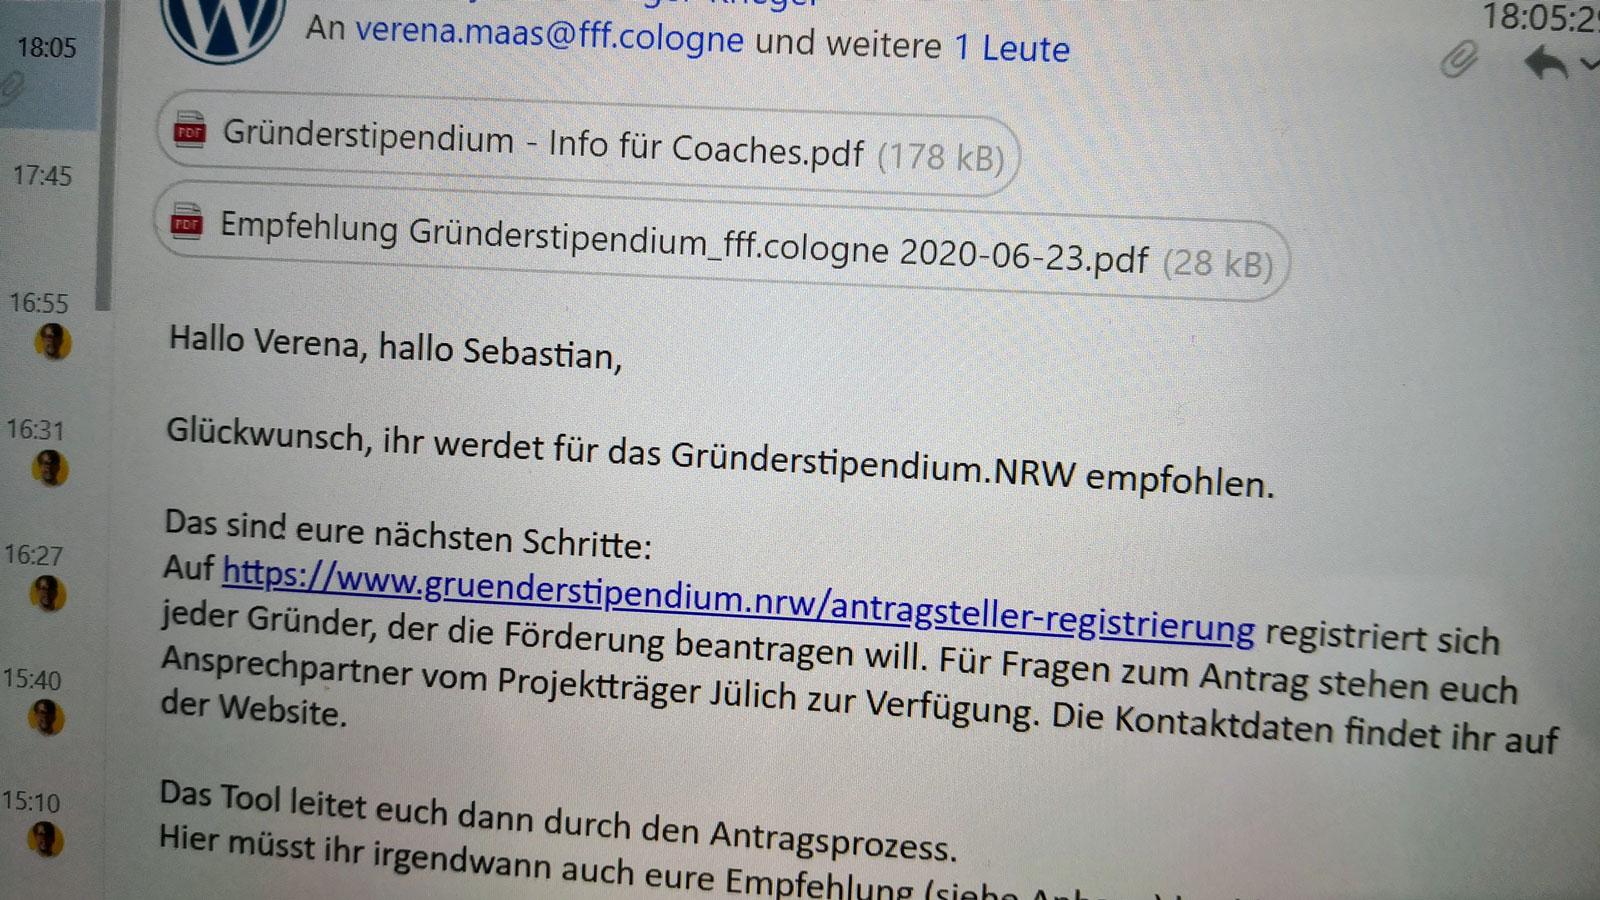 Zusage zum NRW-Gründerstipdenium an tvist